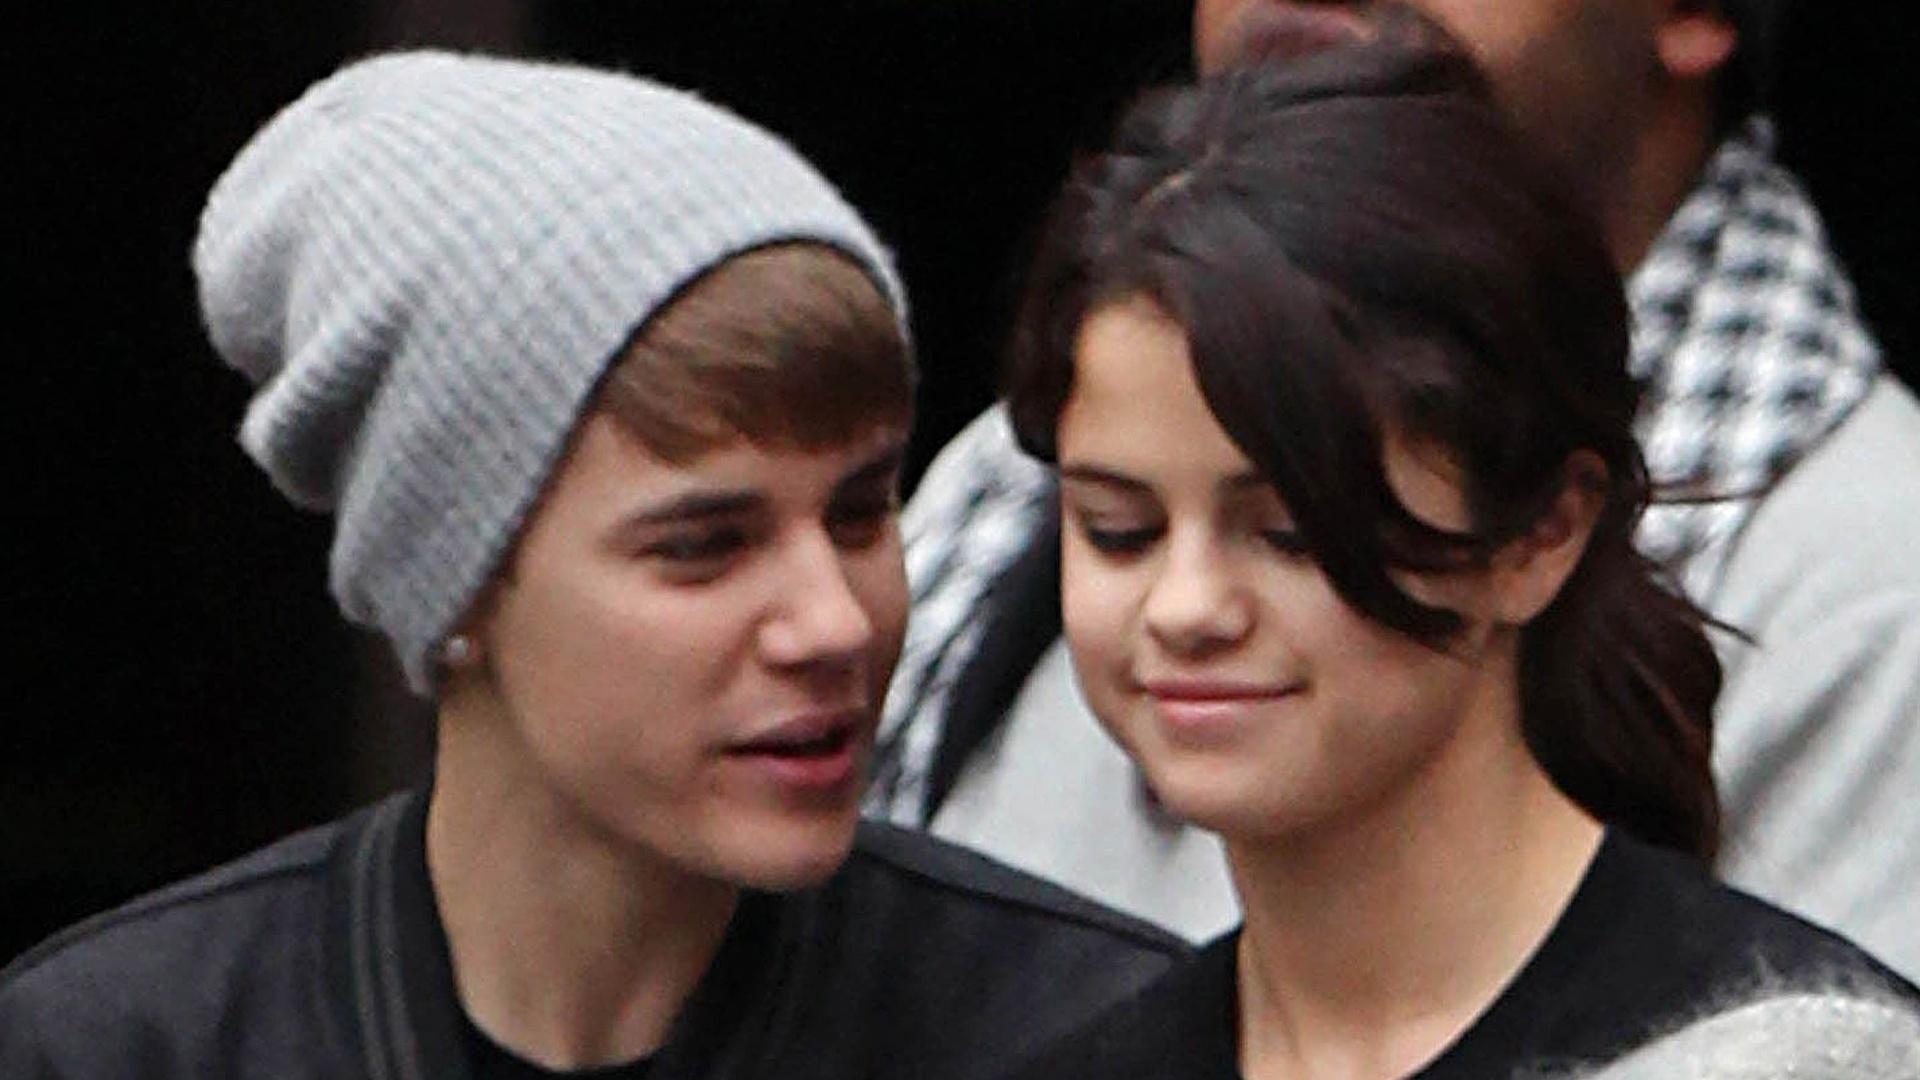 Após apresentações no EMA, Justin Bieber e Selena Gomez vão a estádio de futebol em Londres